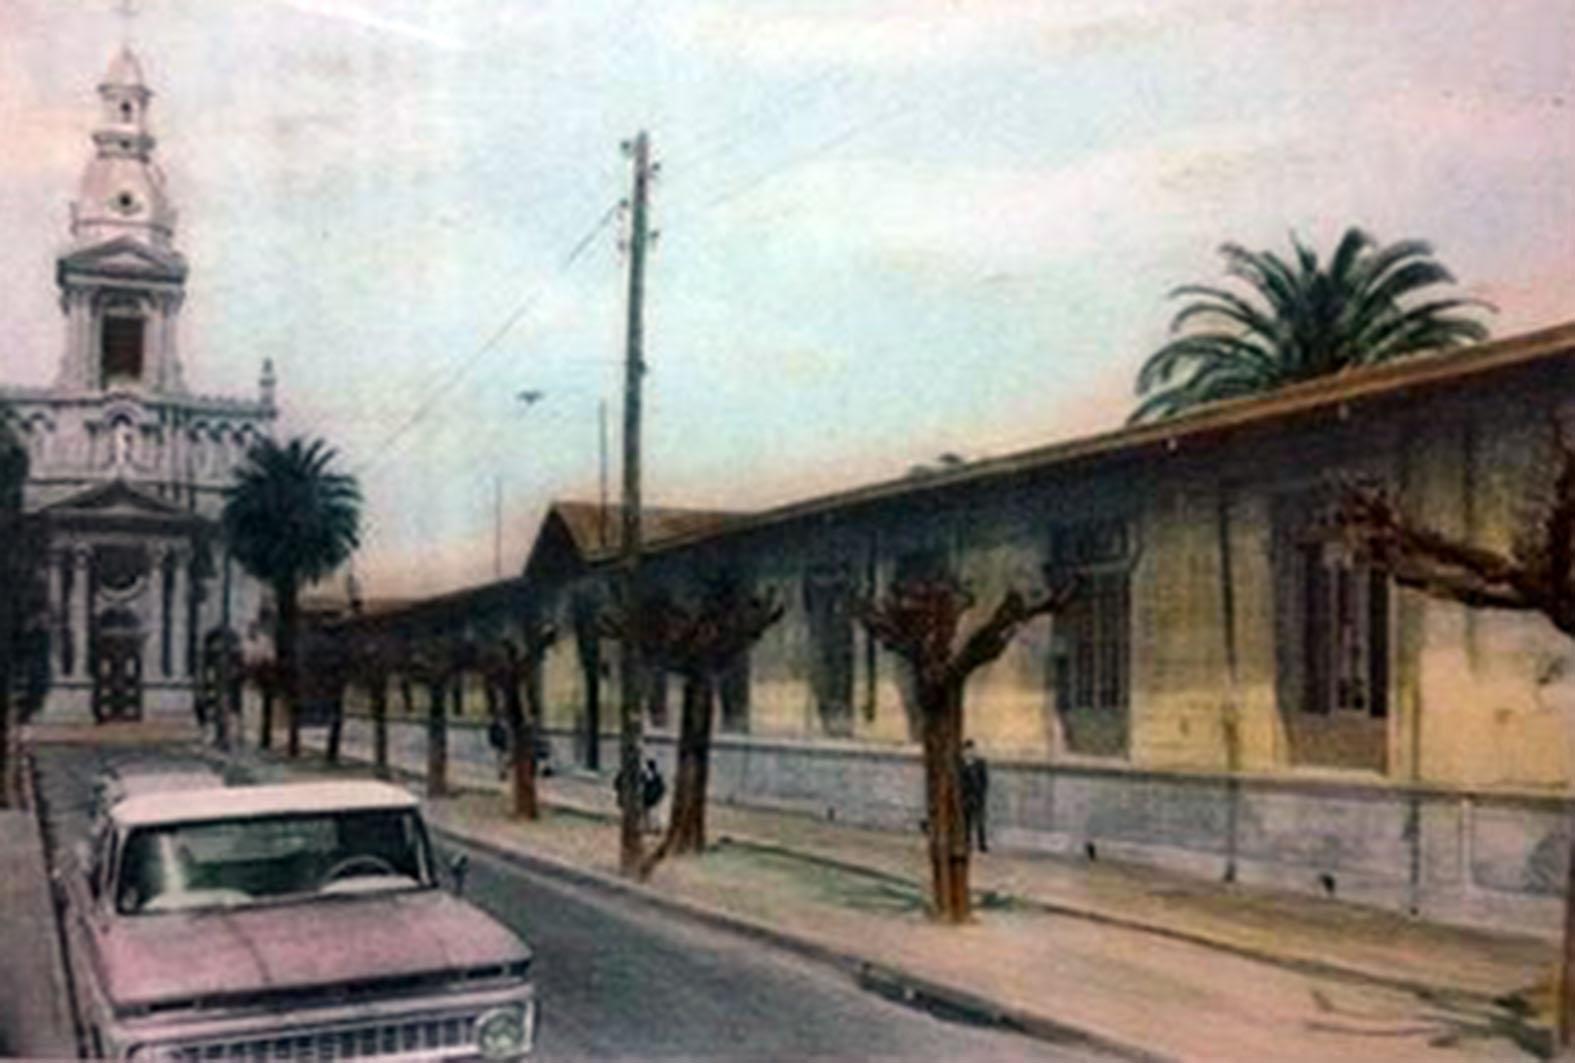 Enterreno - Fotos históricas de chile - fotos antiguas de Chile - Instituto San Martín de Curicó en 1960